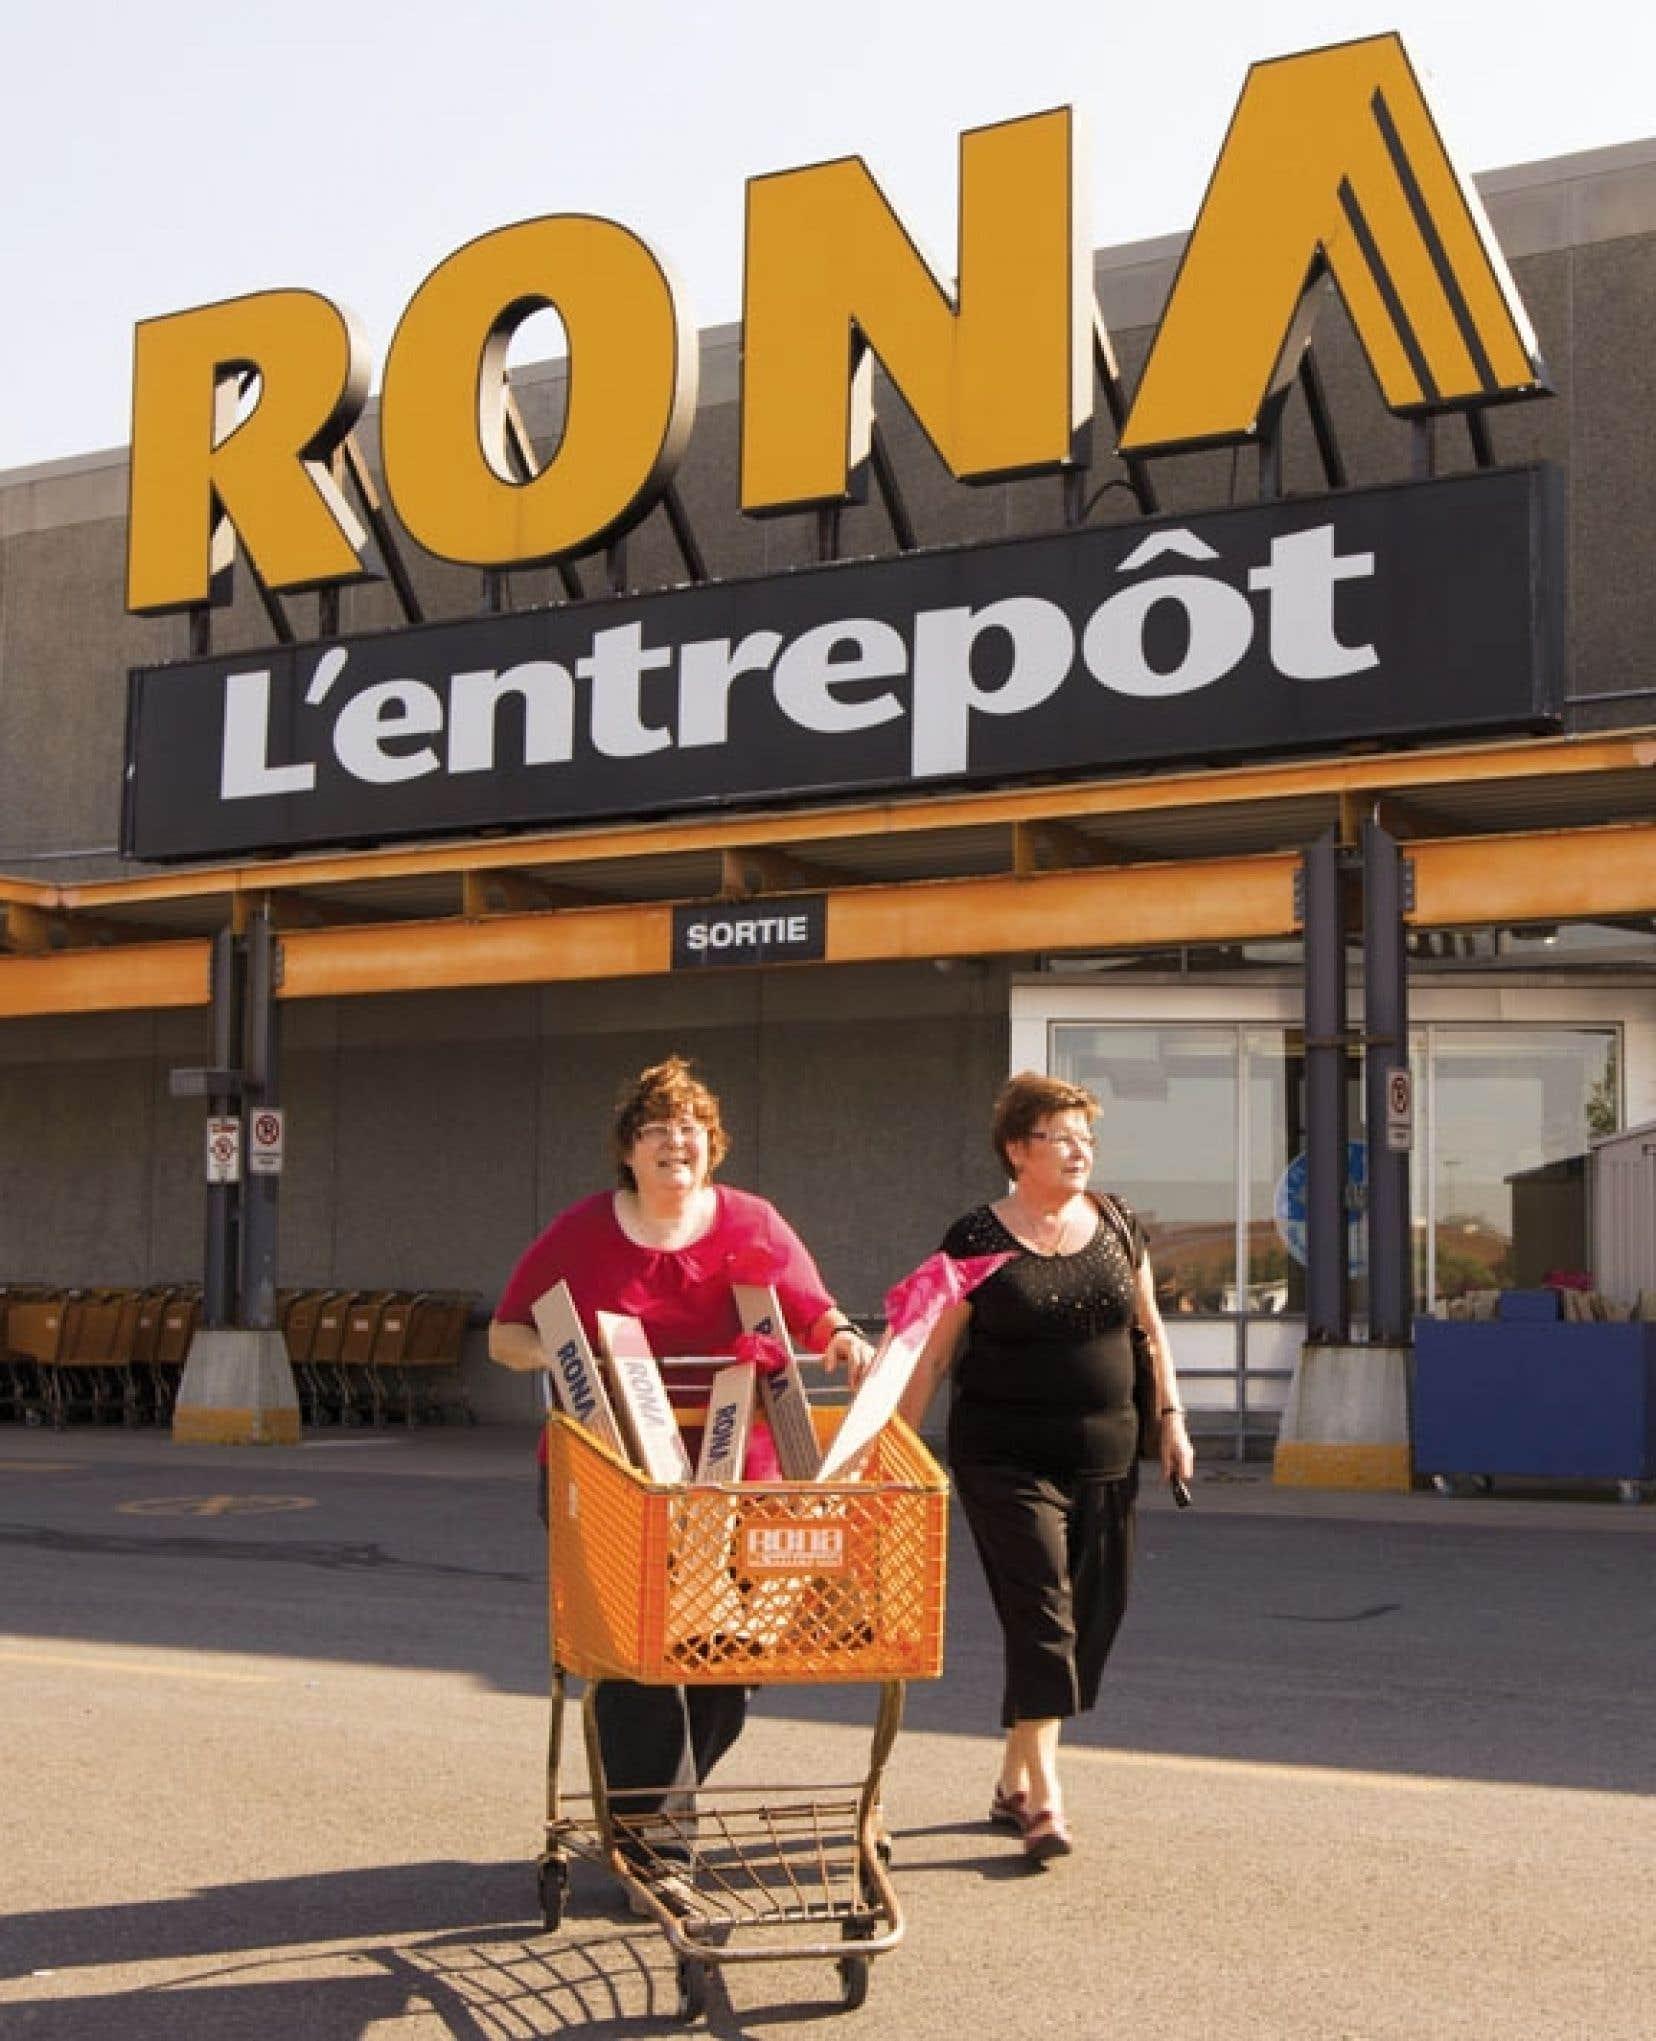 L'année dernière, après la décision de Rona de rejeter une offre d'achat hostile de 1,76 milliard déposée par le géant américain Lowe's, la Caissede dépôt et placement du Québecavait manoeuvré avec d'autres actionnaires pour obtenir des changements au sein de l'entreprise.